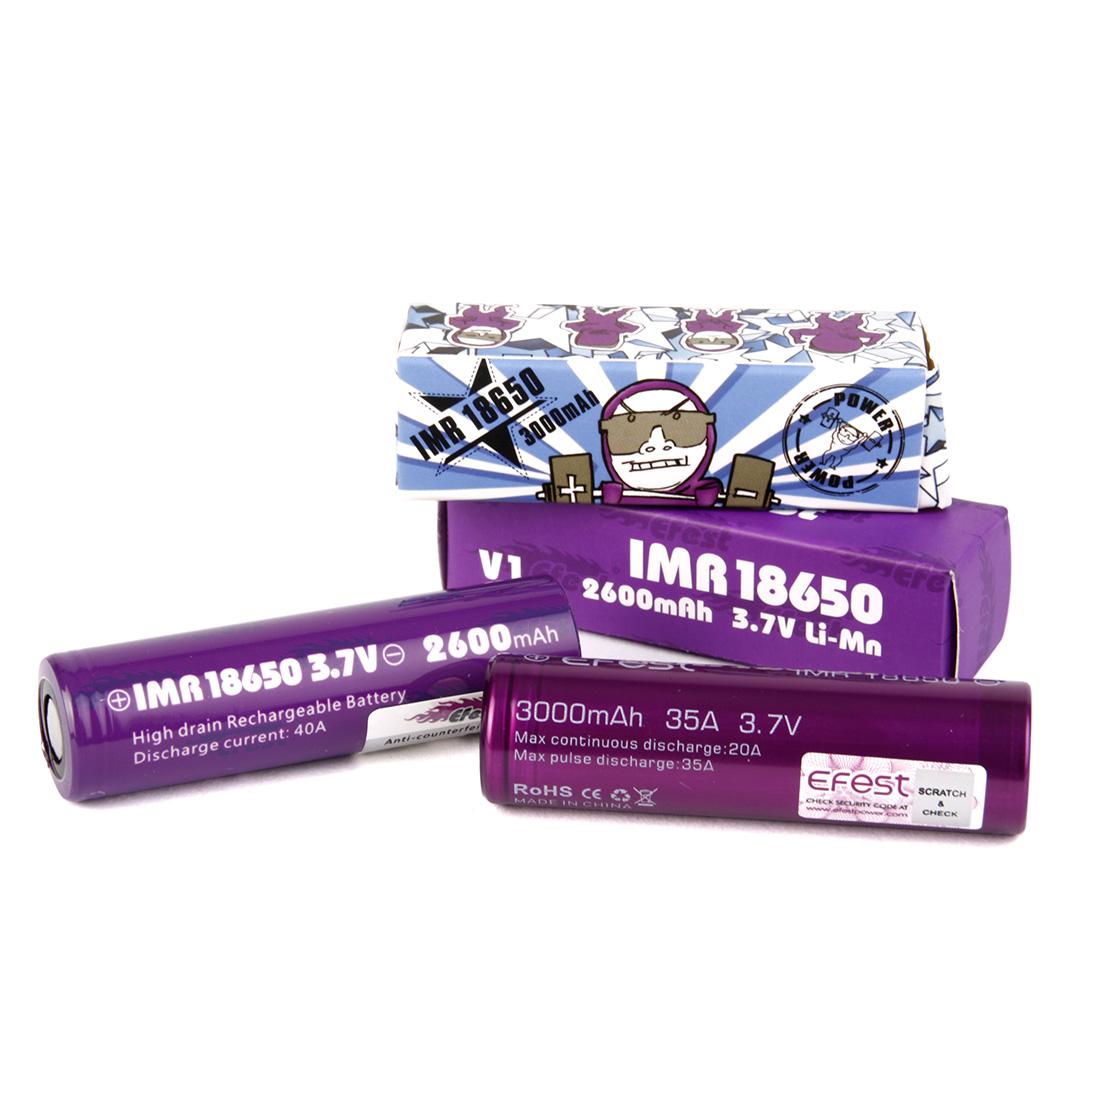 Batterie Mod efest 18650 2500mah